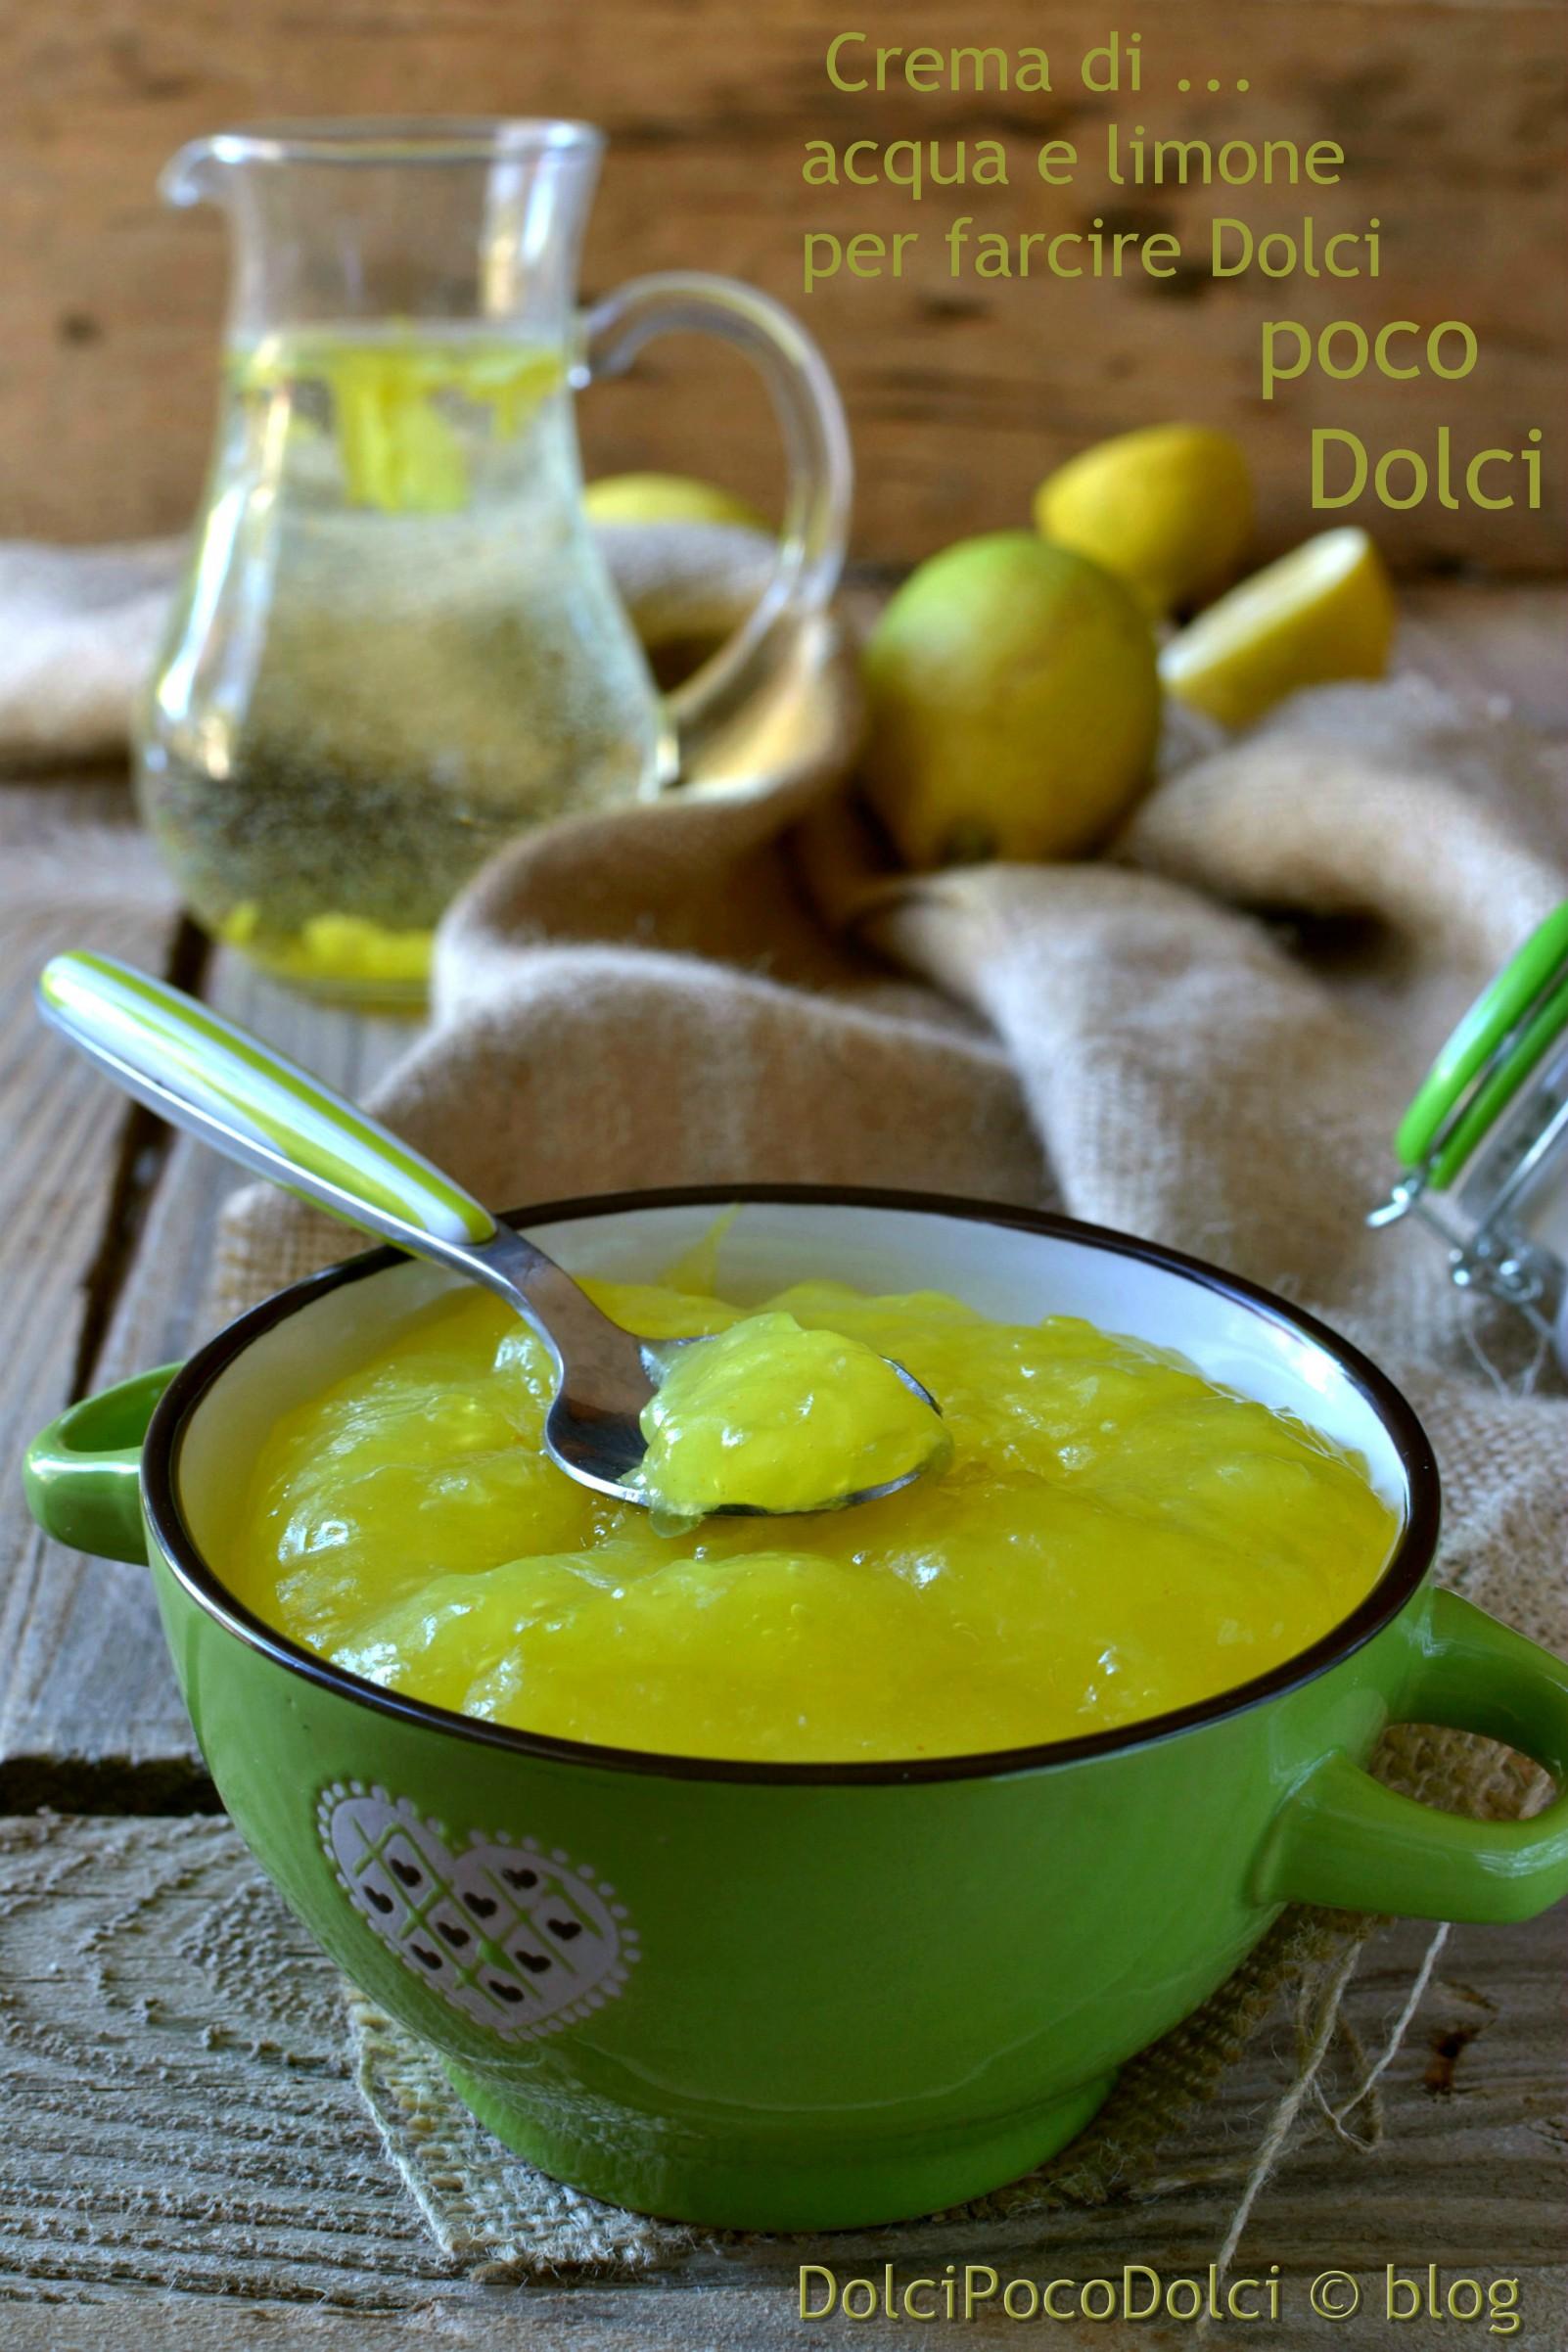 Crema di acqua e limone per farcire Dolci